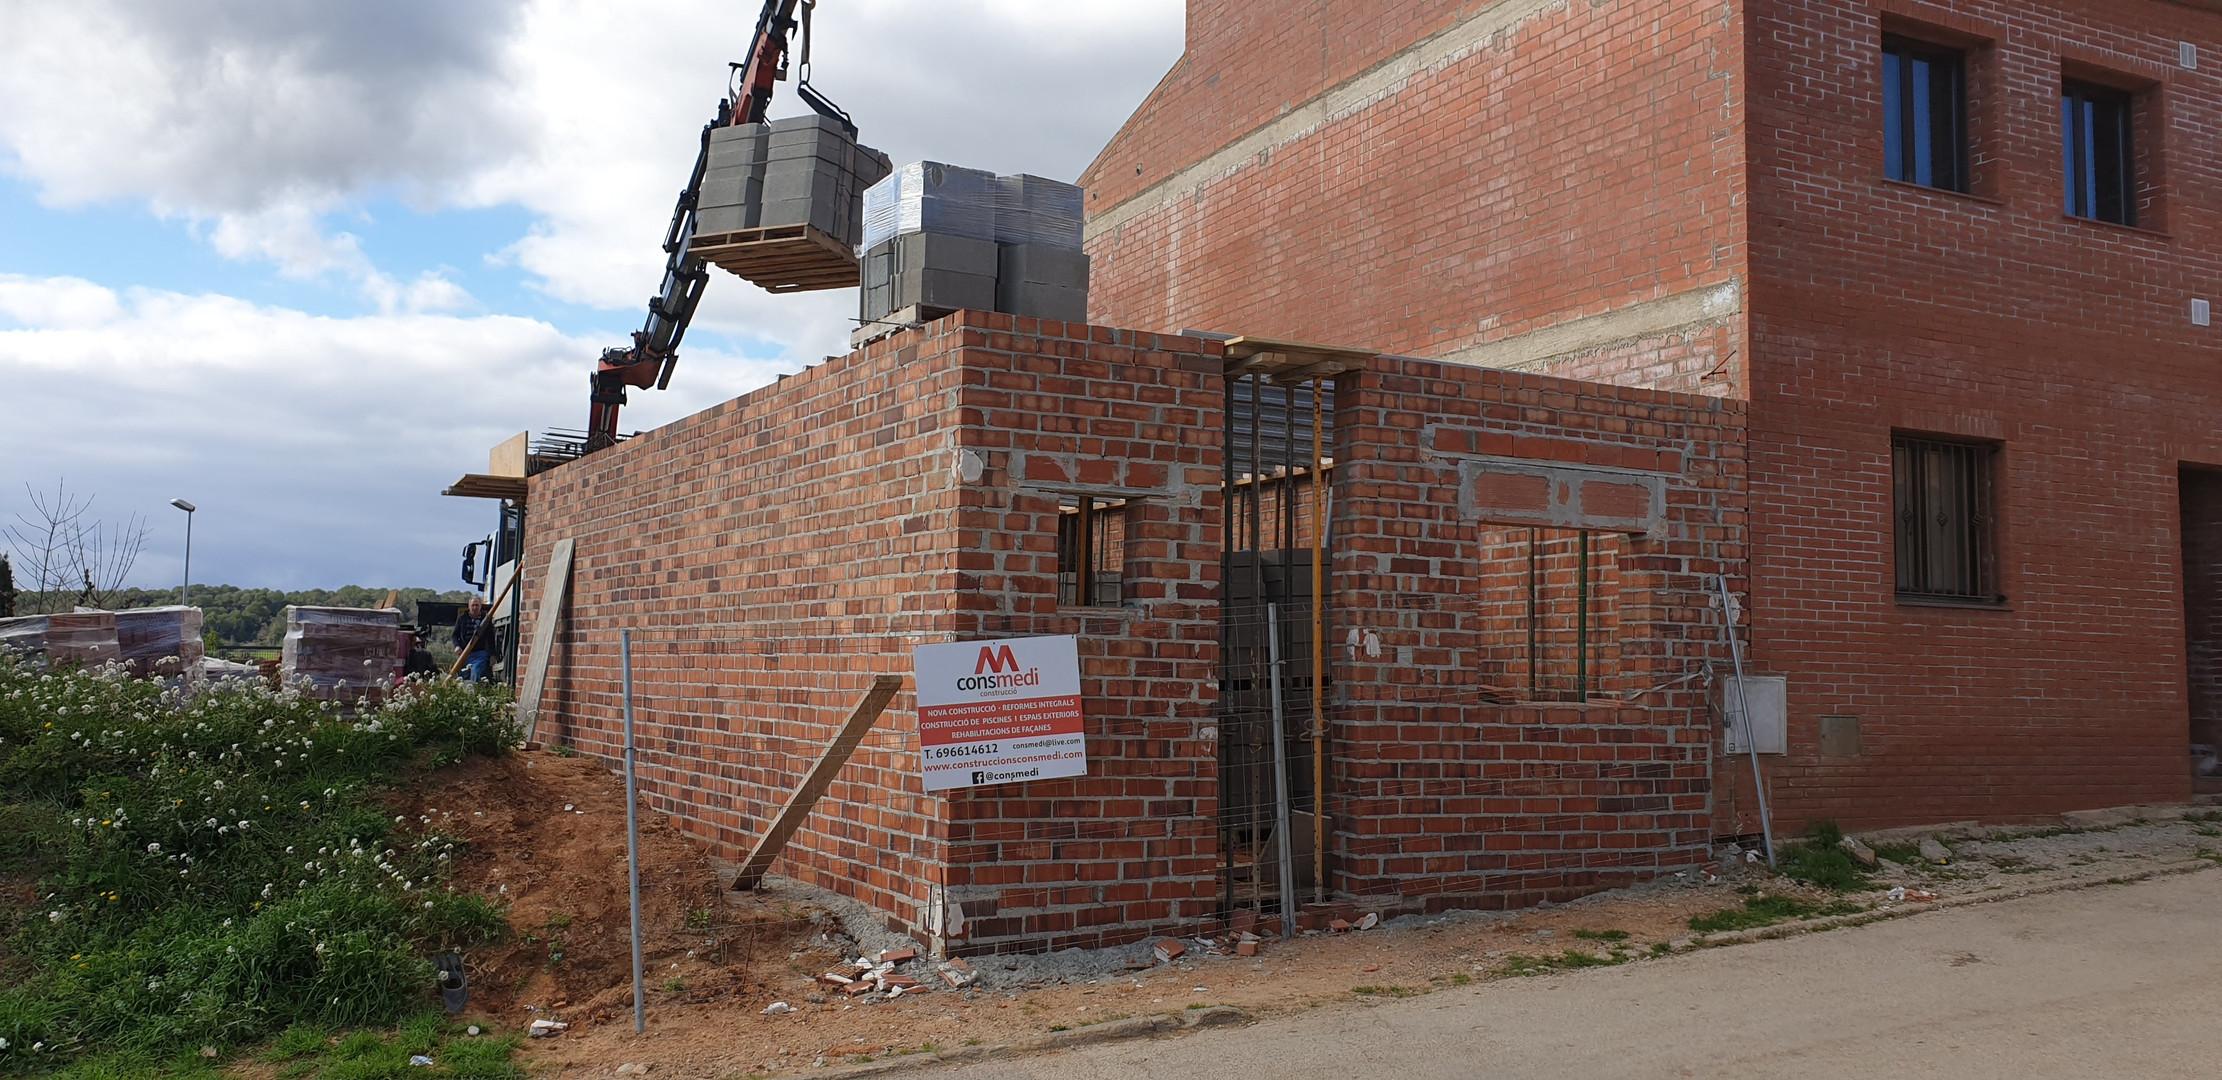 Construcció forjat planta baixa